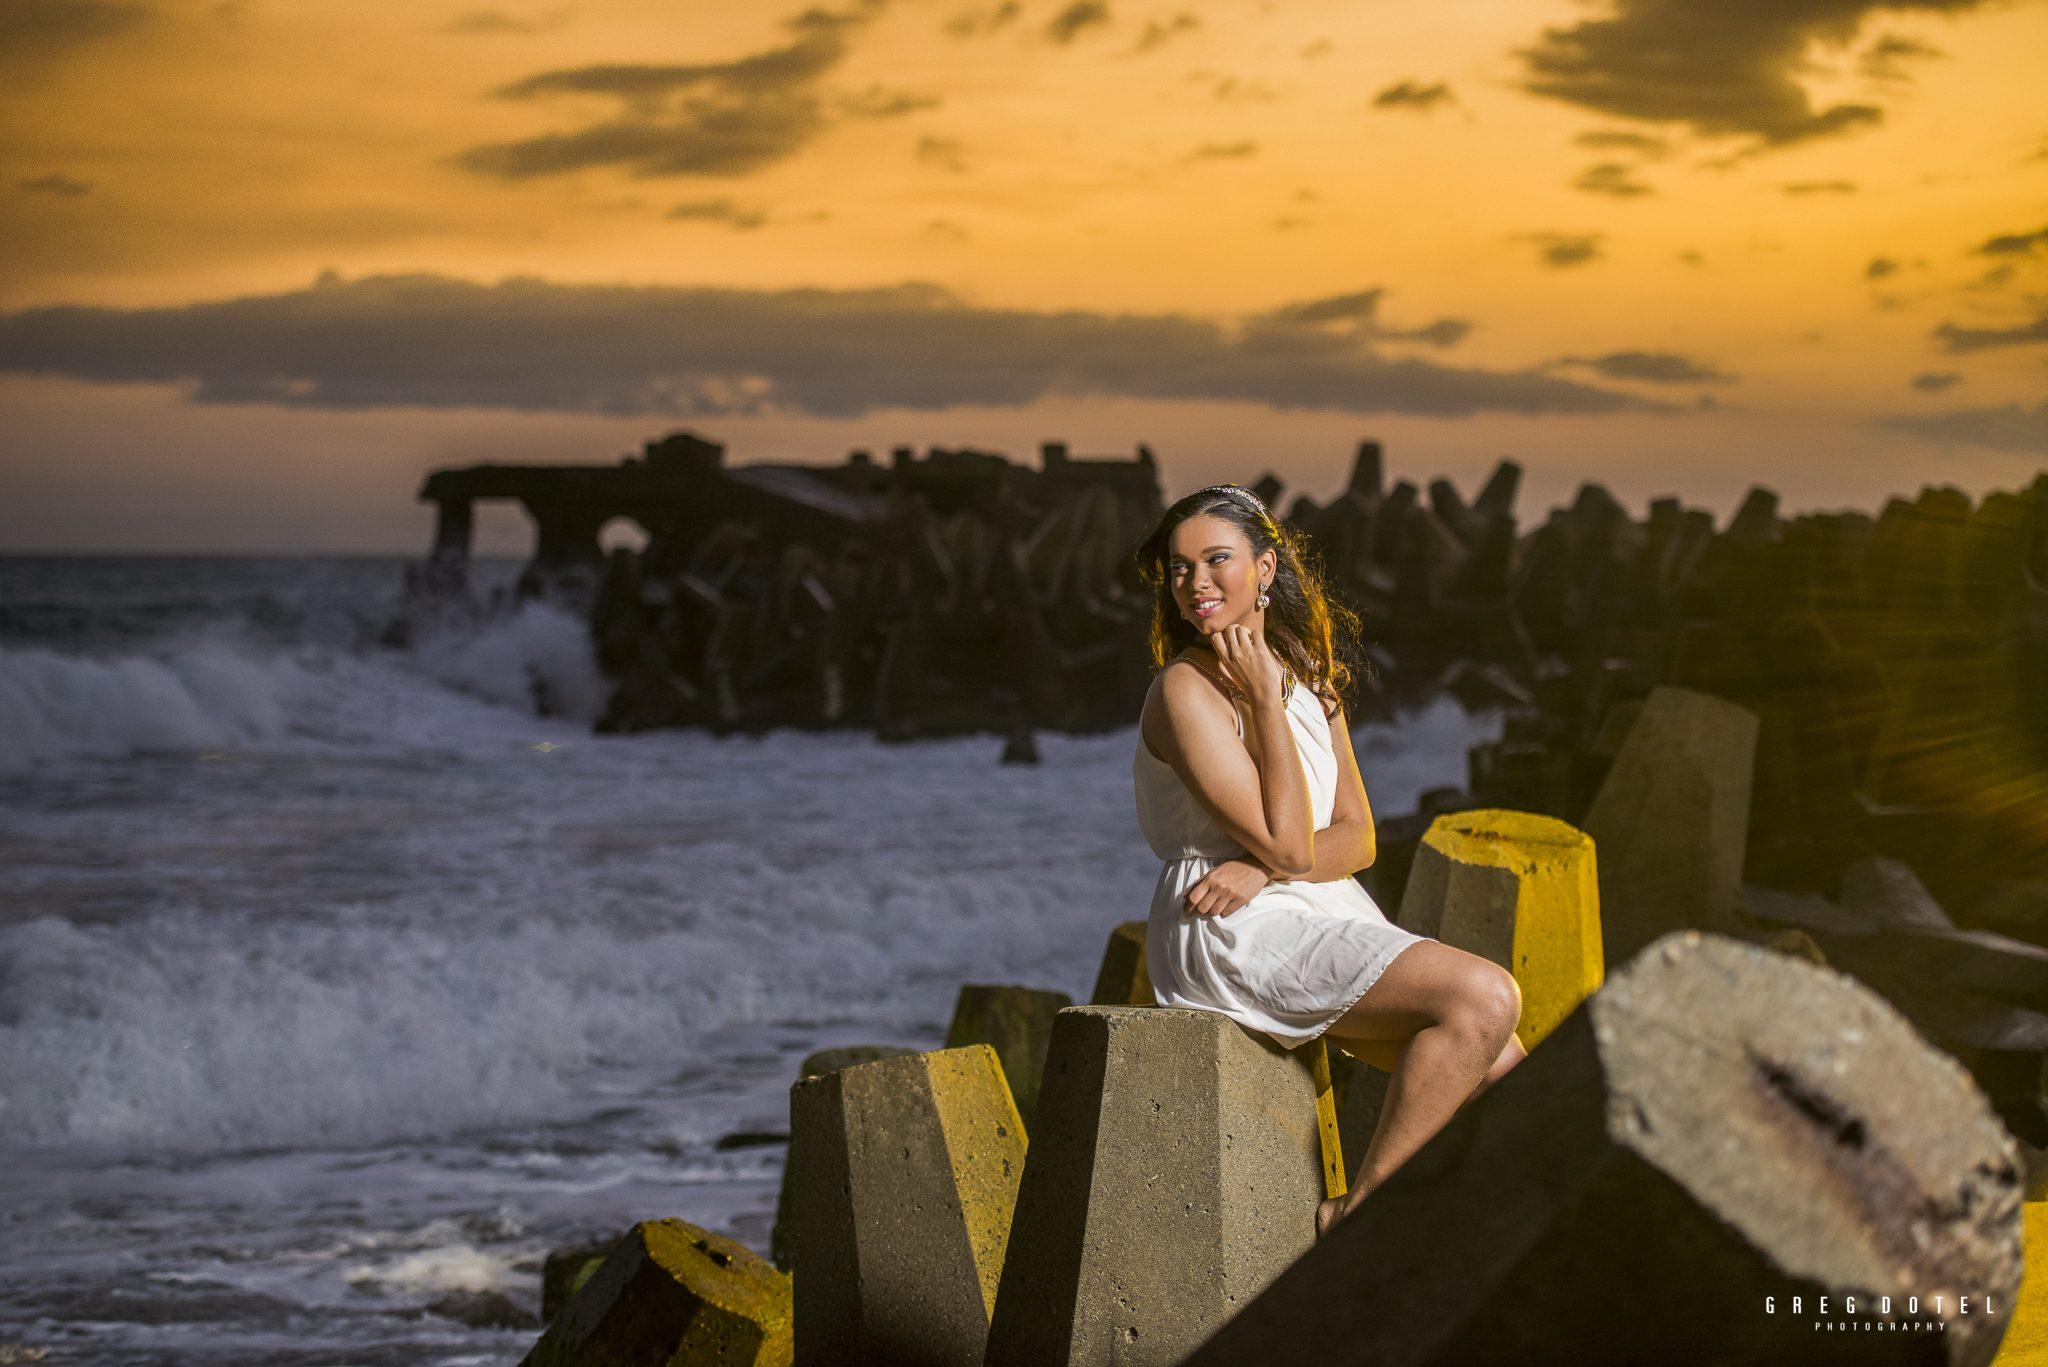 fotografo dominicano de quinceaños en santo domingo republica dominicana greg dotel